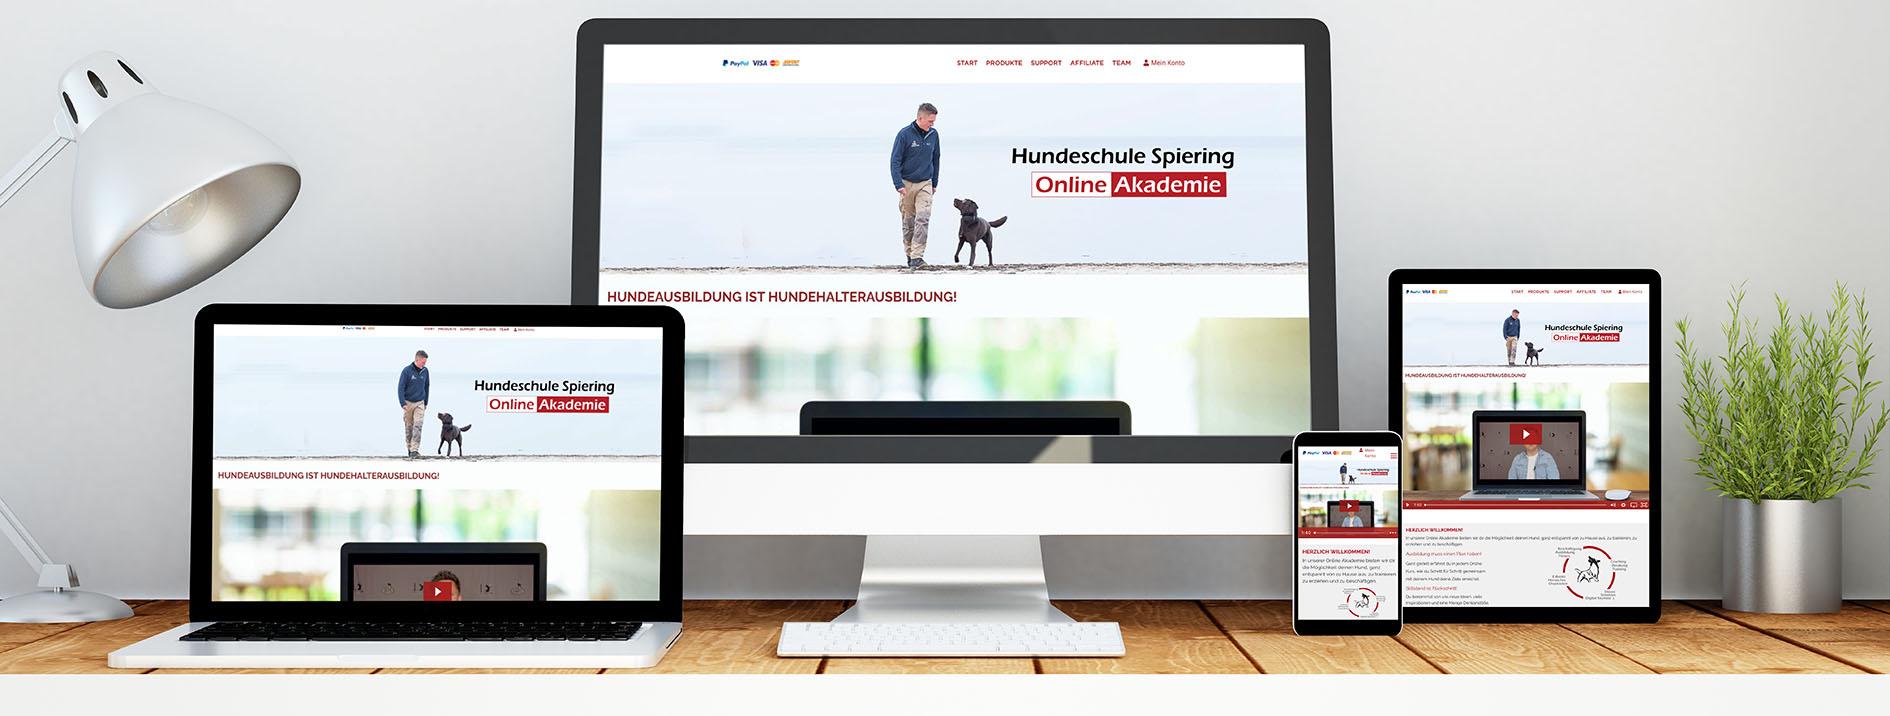 Hundeschule Spiering - Online Akademie